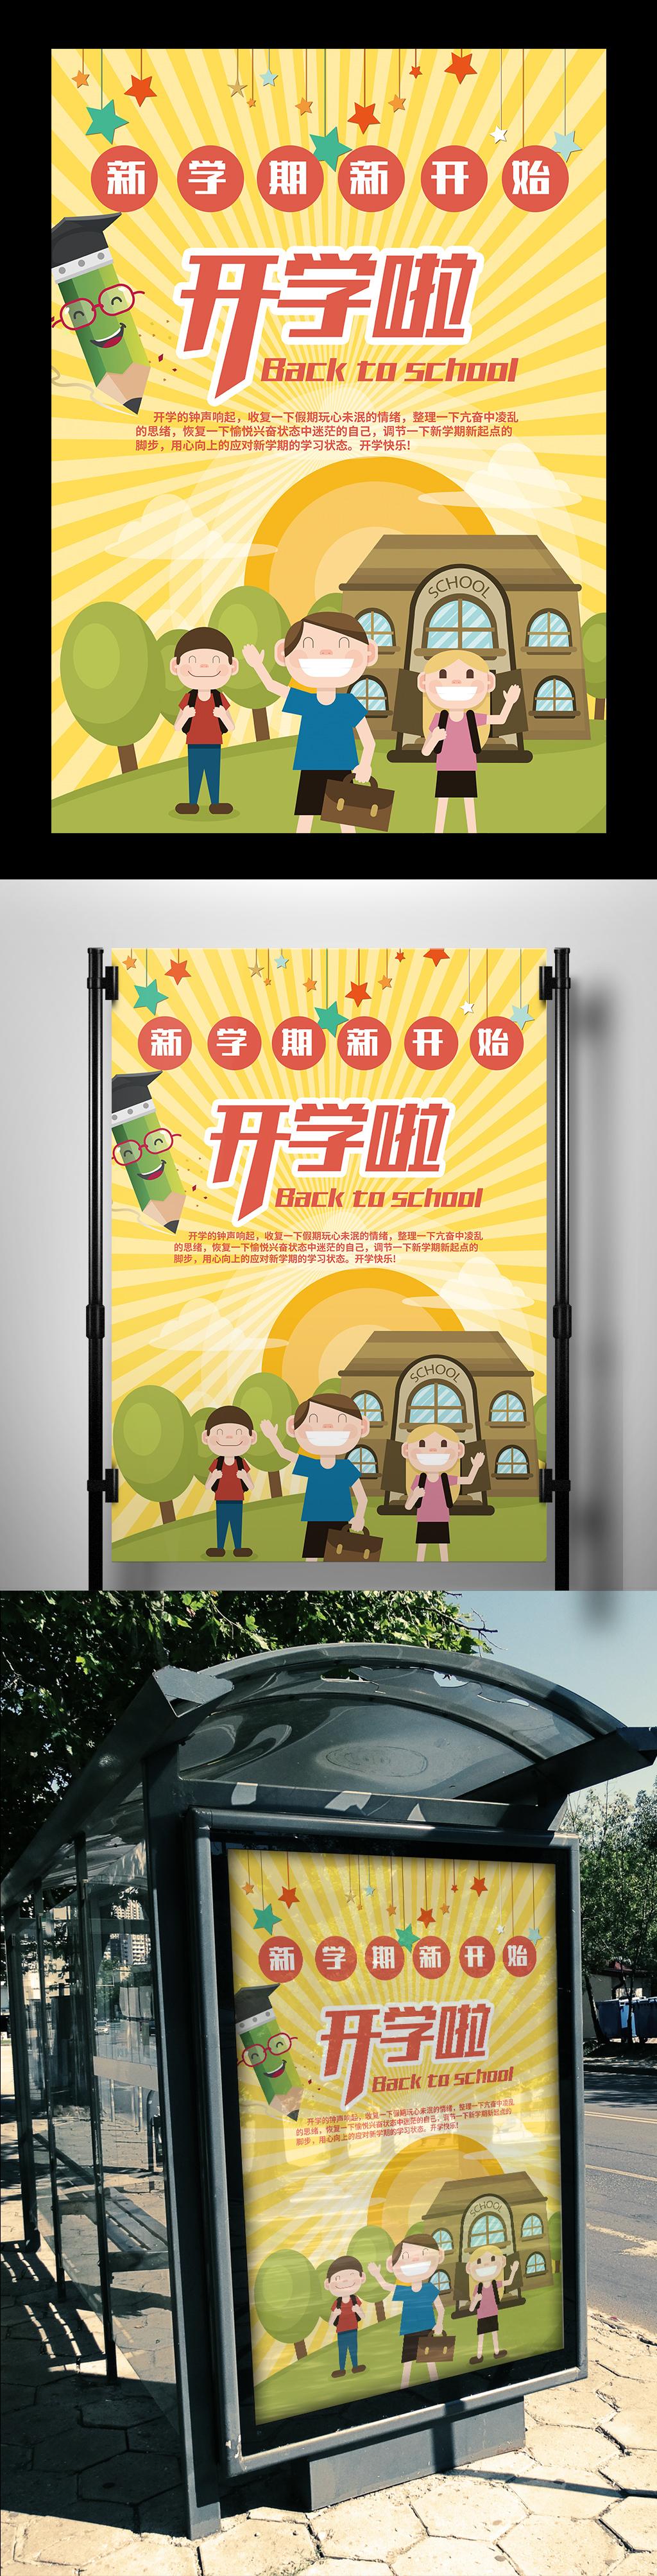 新学期开学啦开学季手绘创意海报